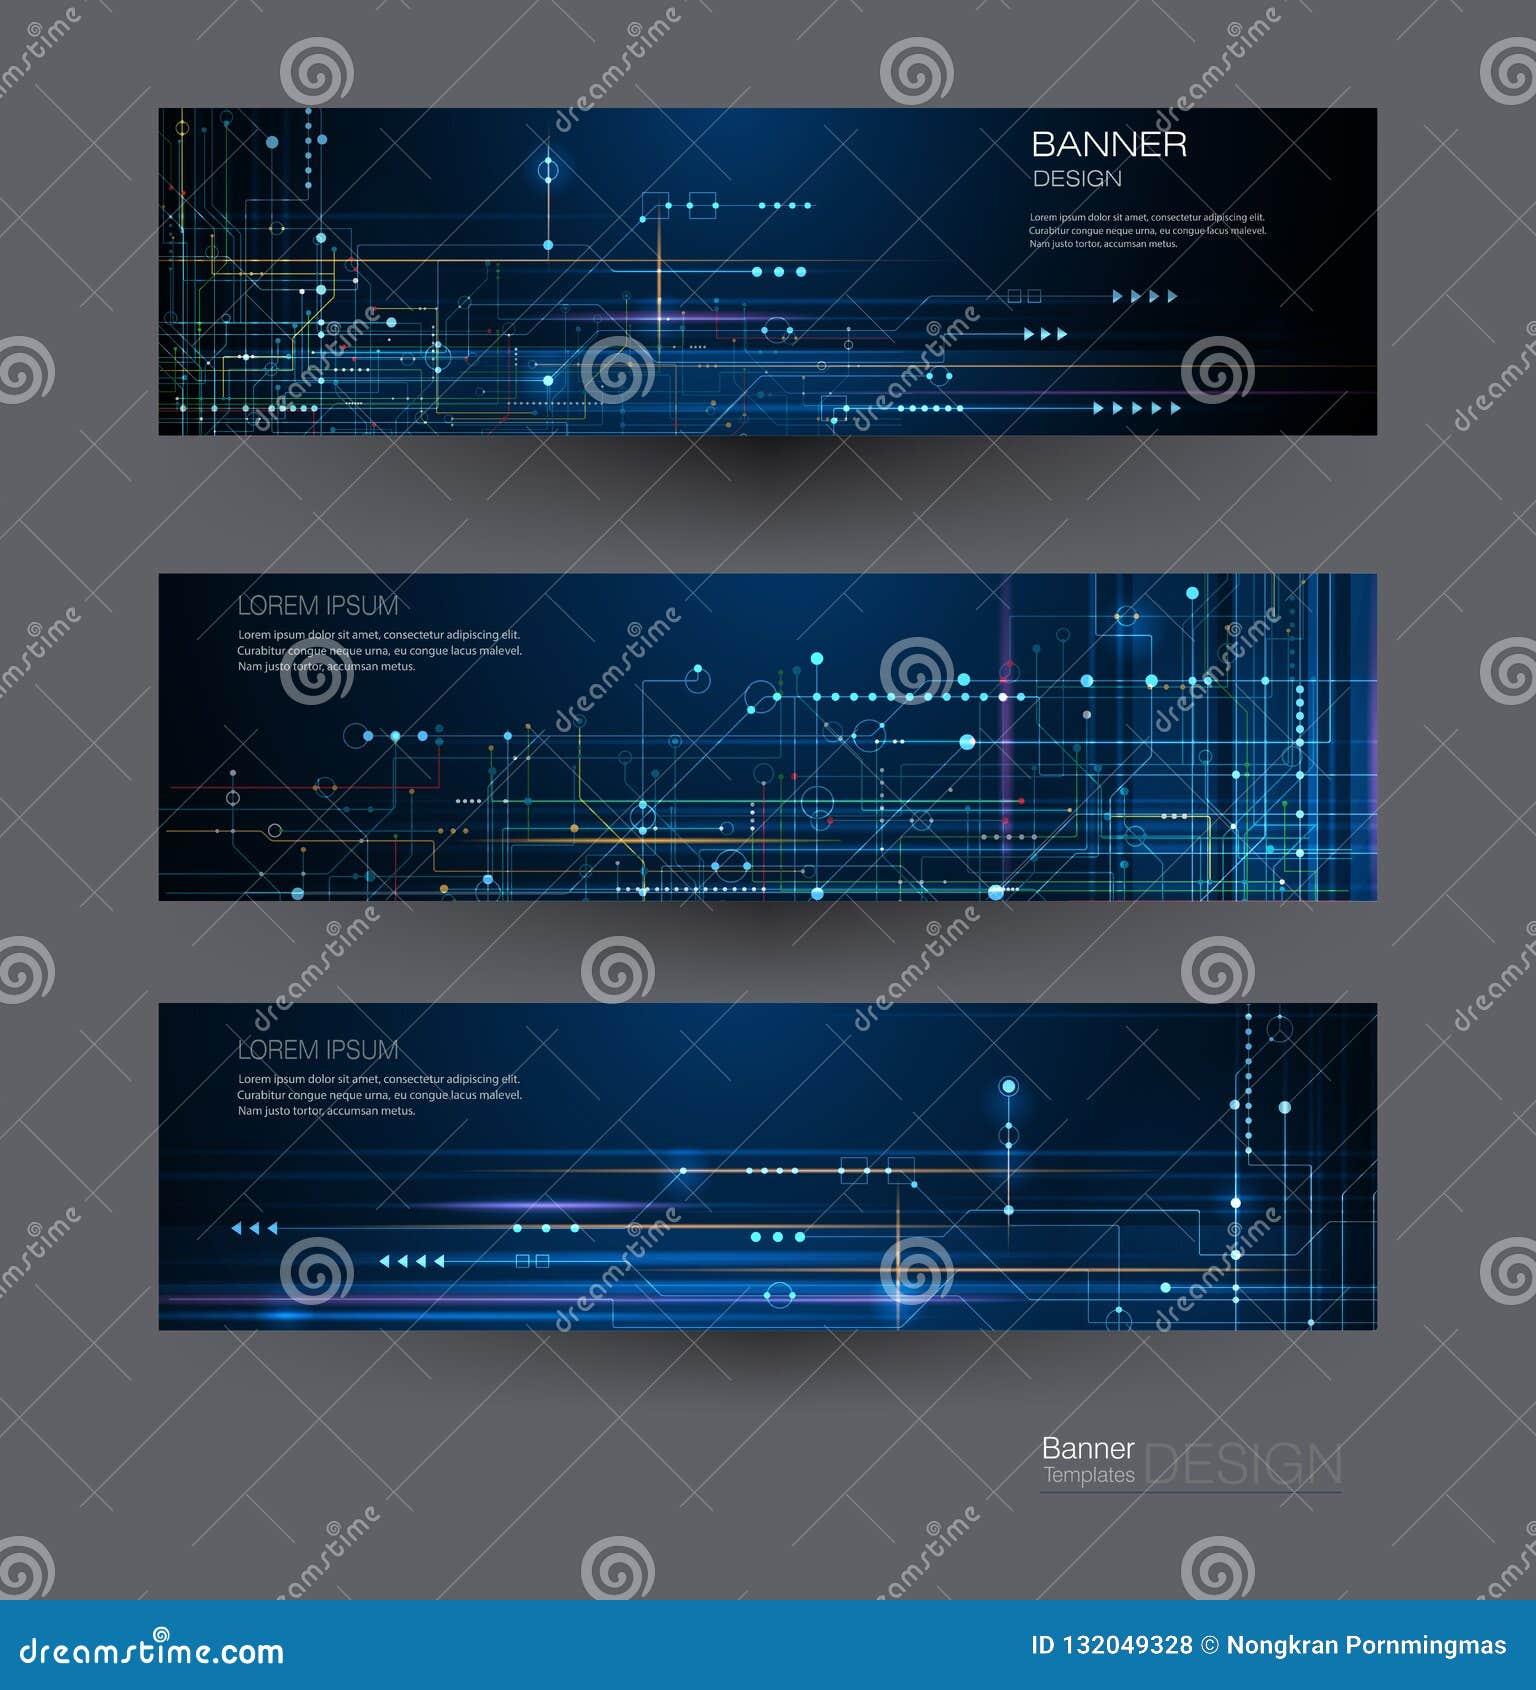 Placa de circuito da cenografia da bandeira do vetor Futurista moderno do sumário da ilustração, engenharia, fundo da tecnologia